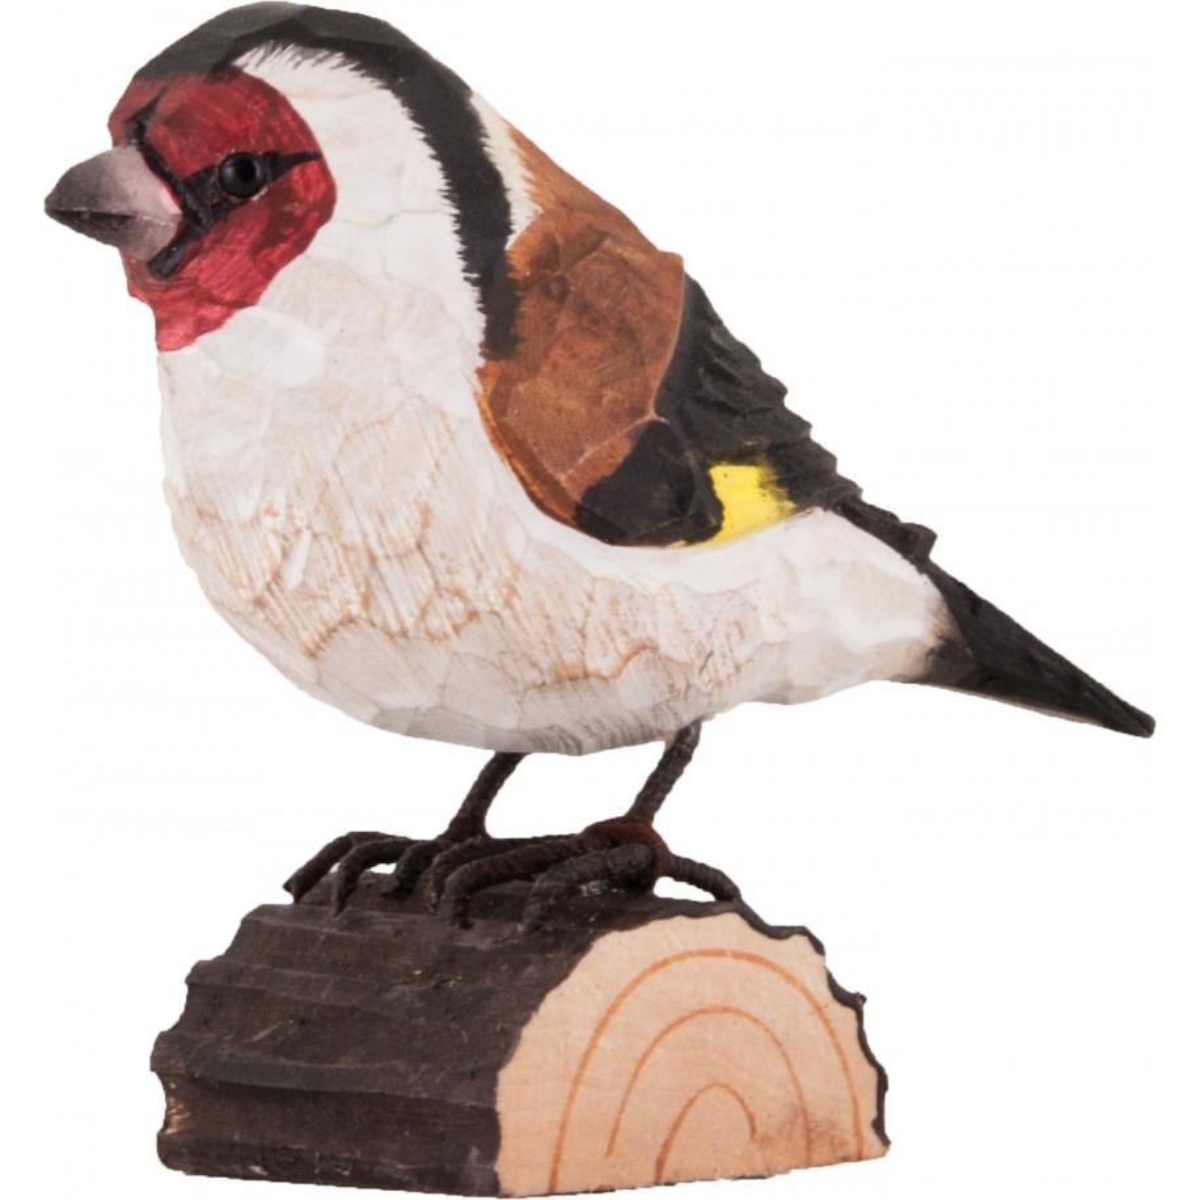 Wildlife Garden træfugl - stillits